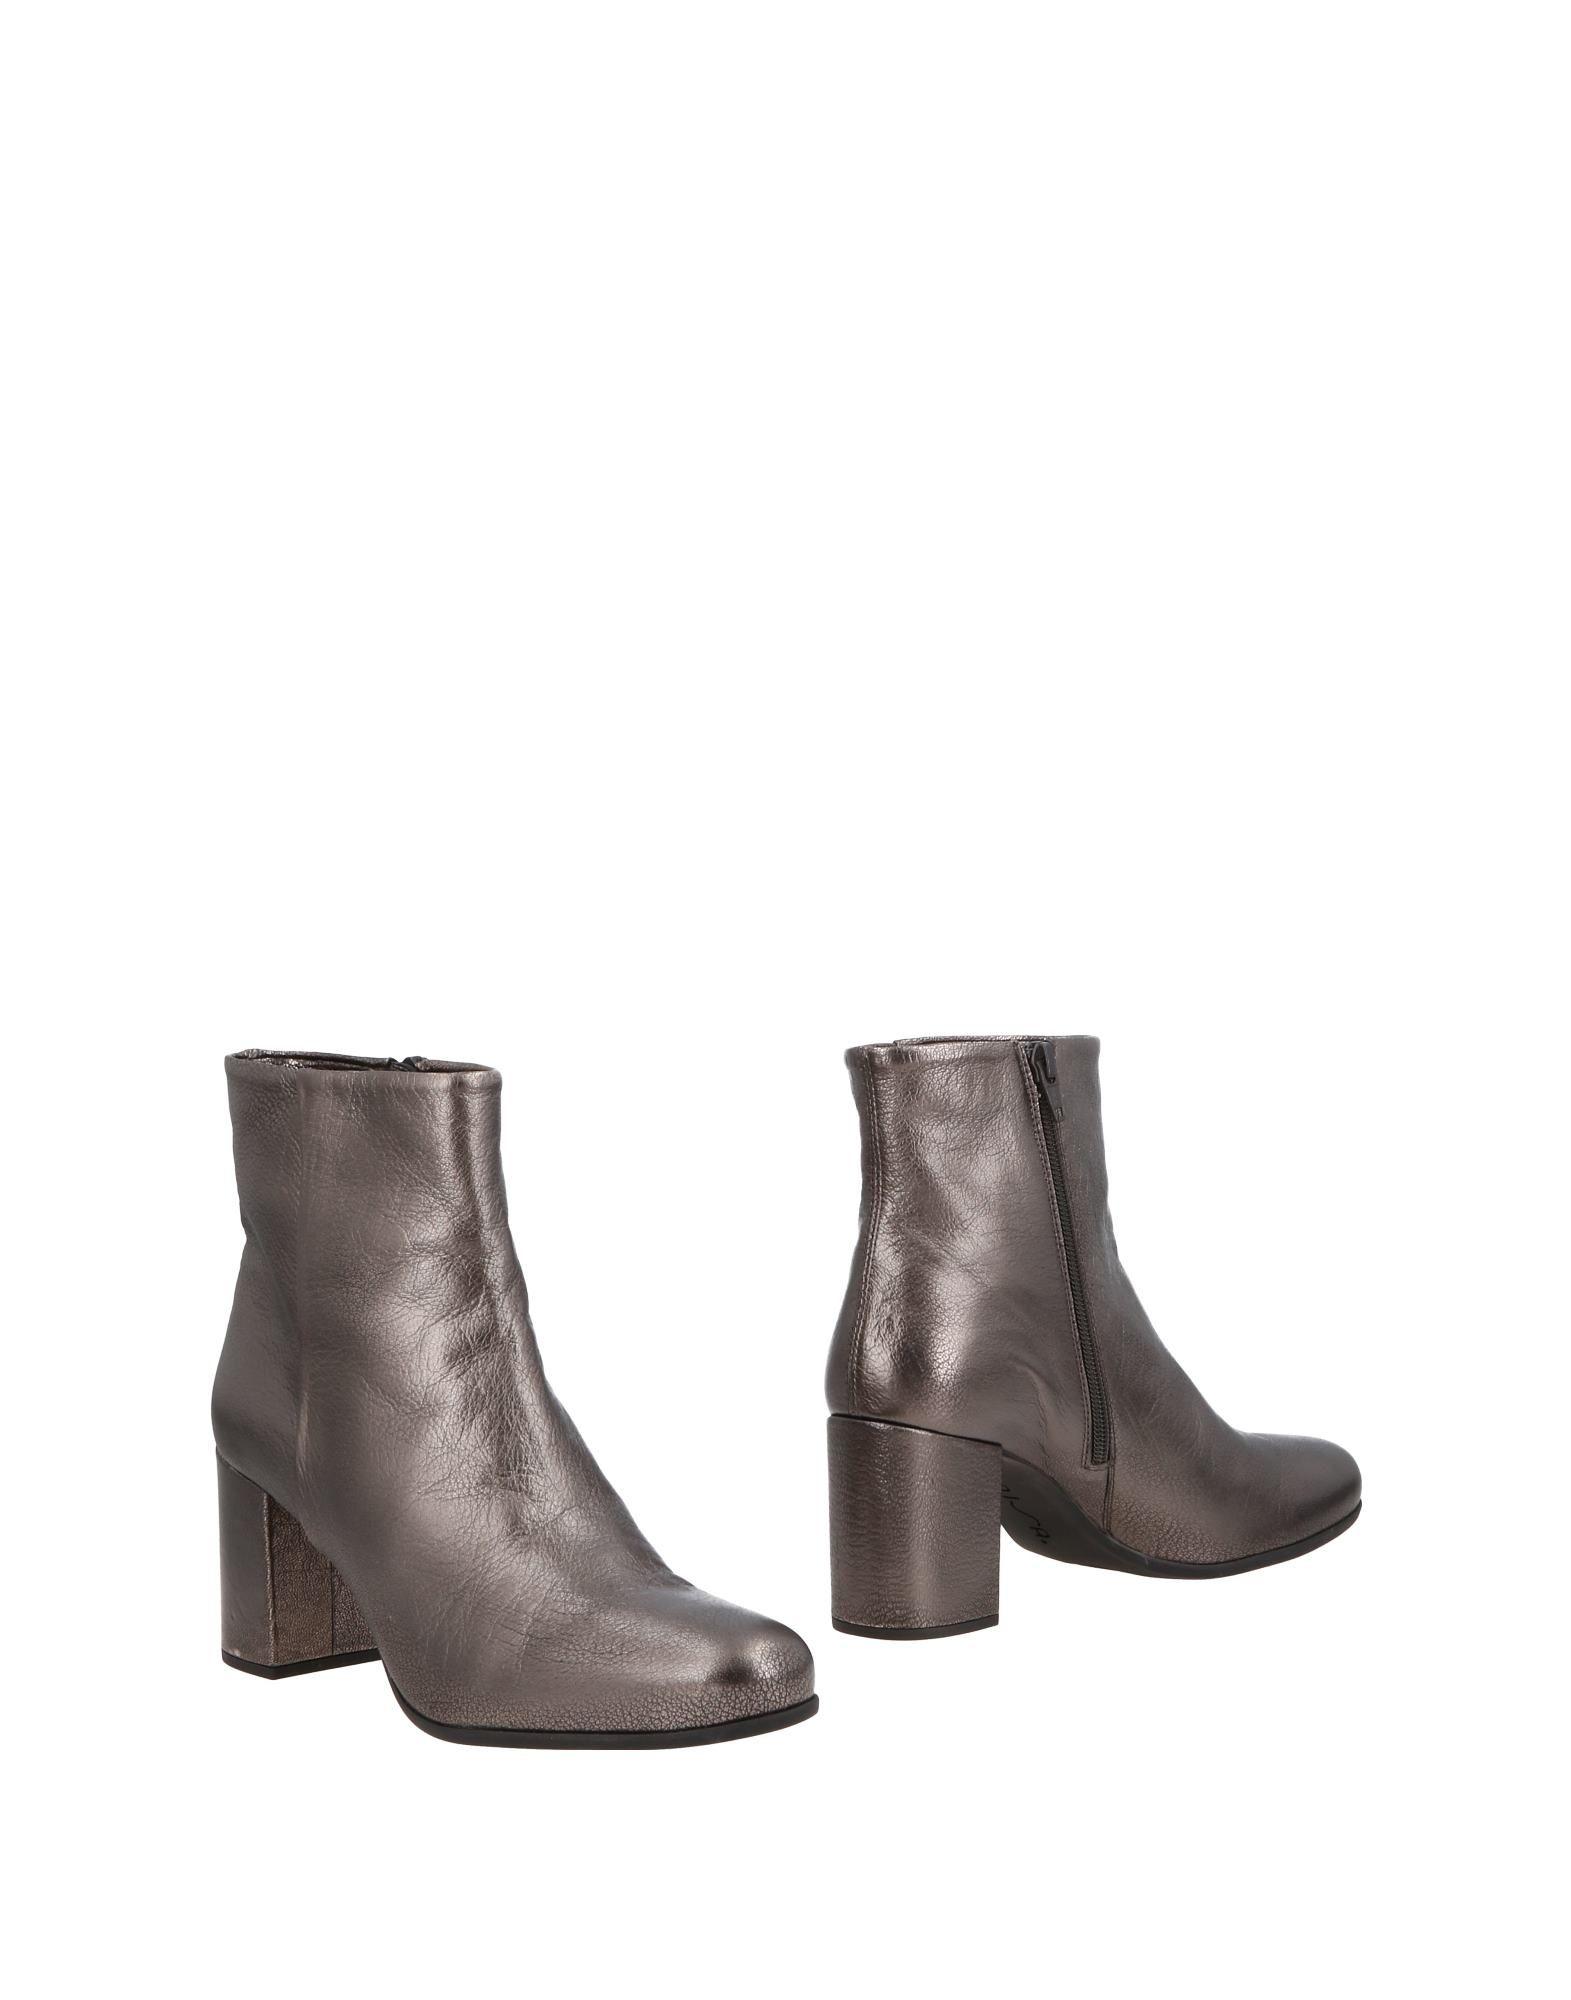 Unisa Stiefelette Damen  11500302TB Gute Qualität beliebte Schuhe